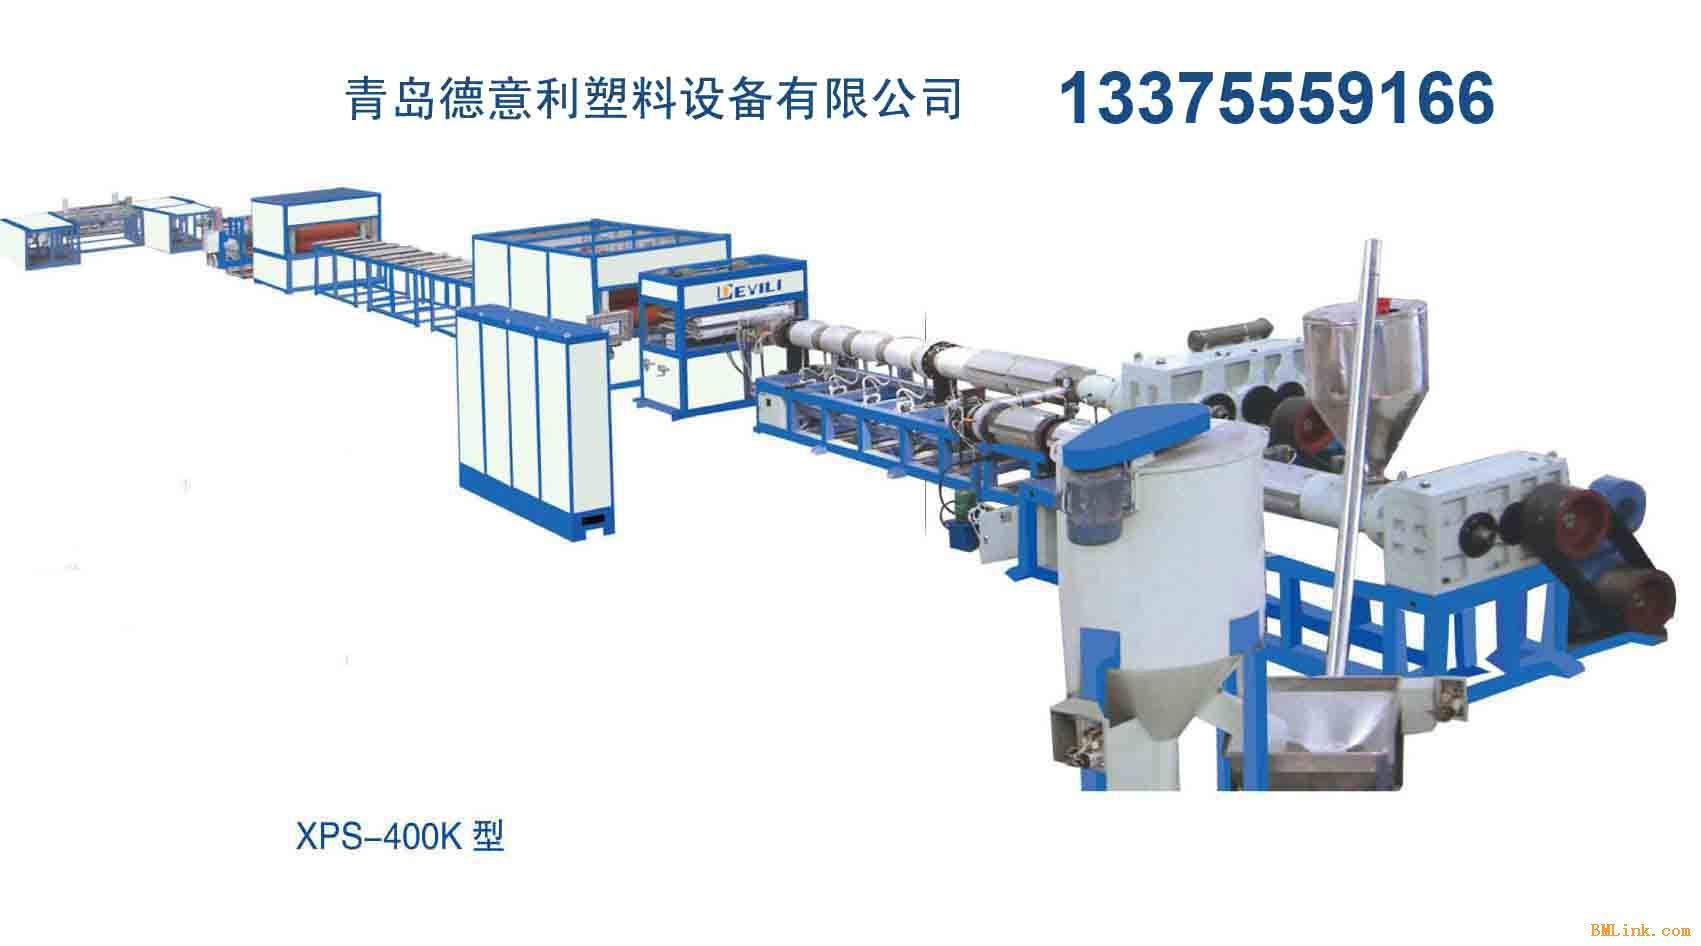 供应专业XPS挤塑保温板生产线